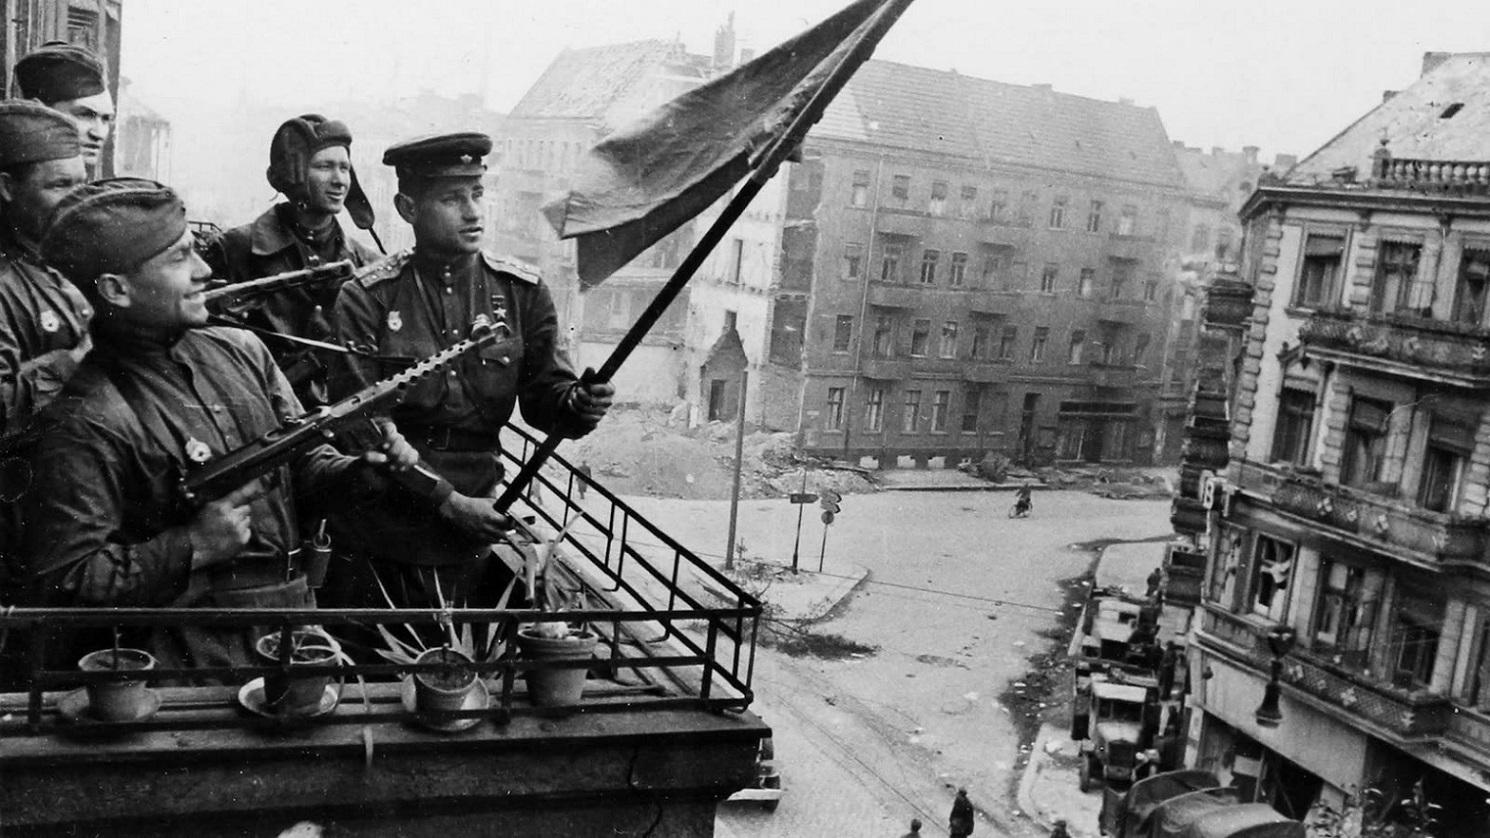 Красный день календаря. Путин одобрил идею о запрете сравнения СССР и нацистской Германии